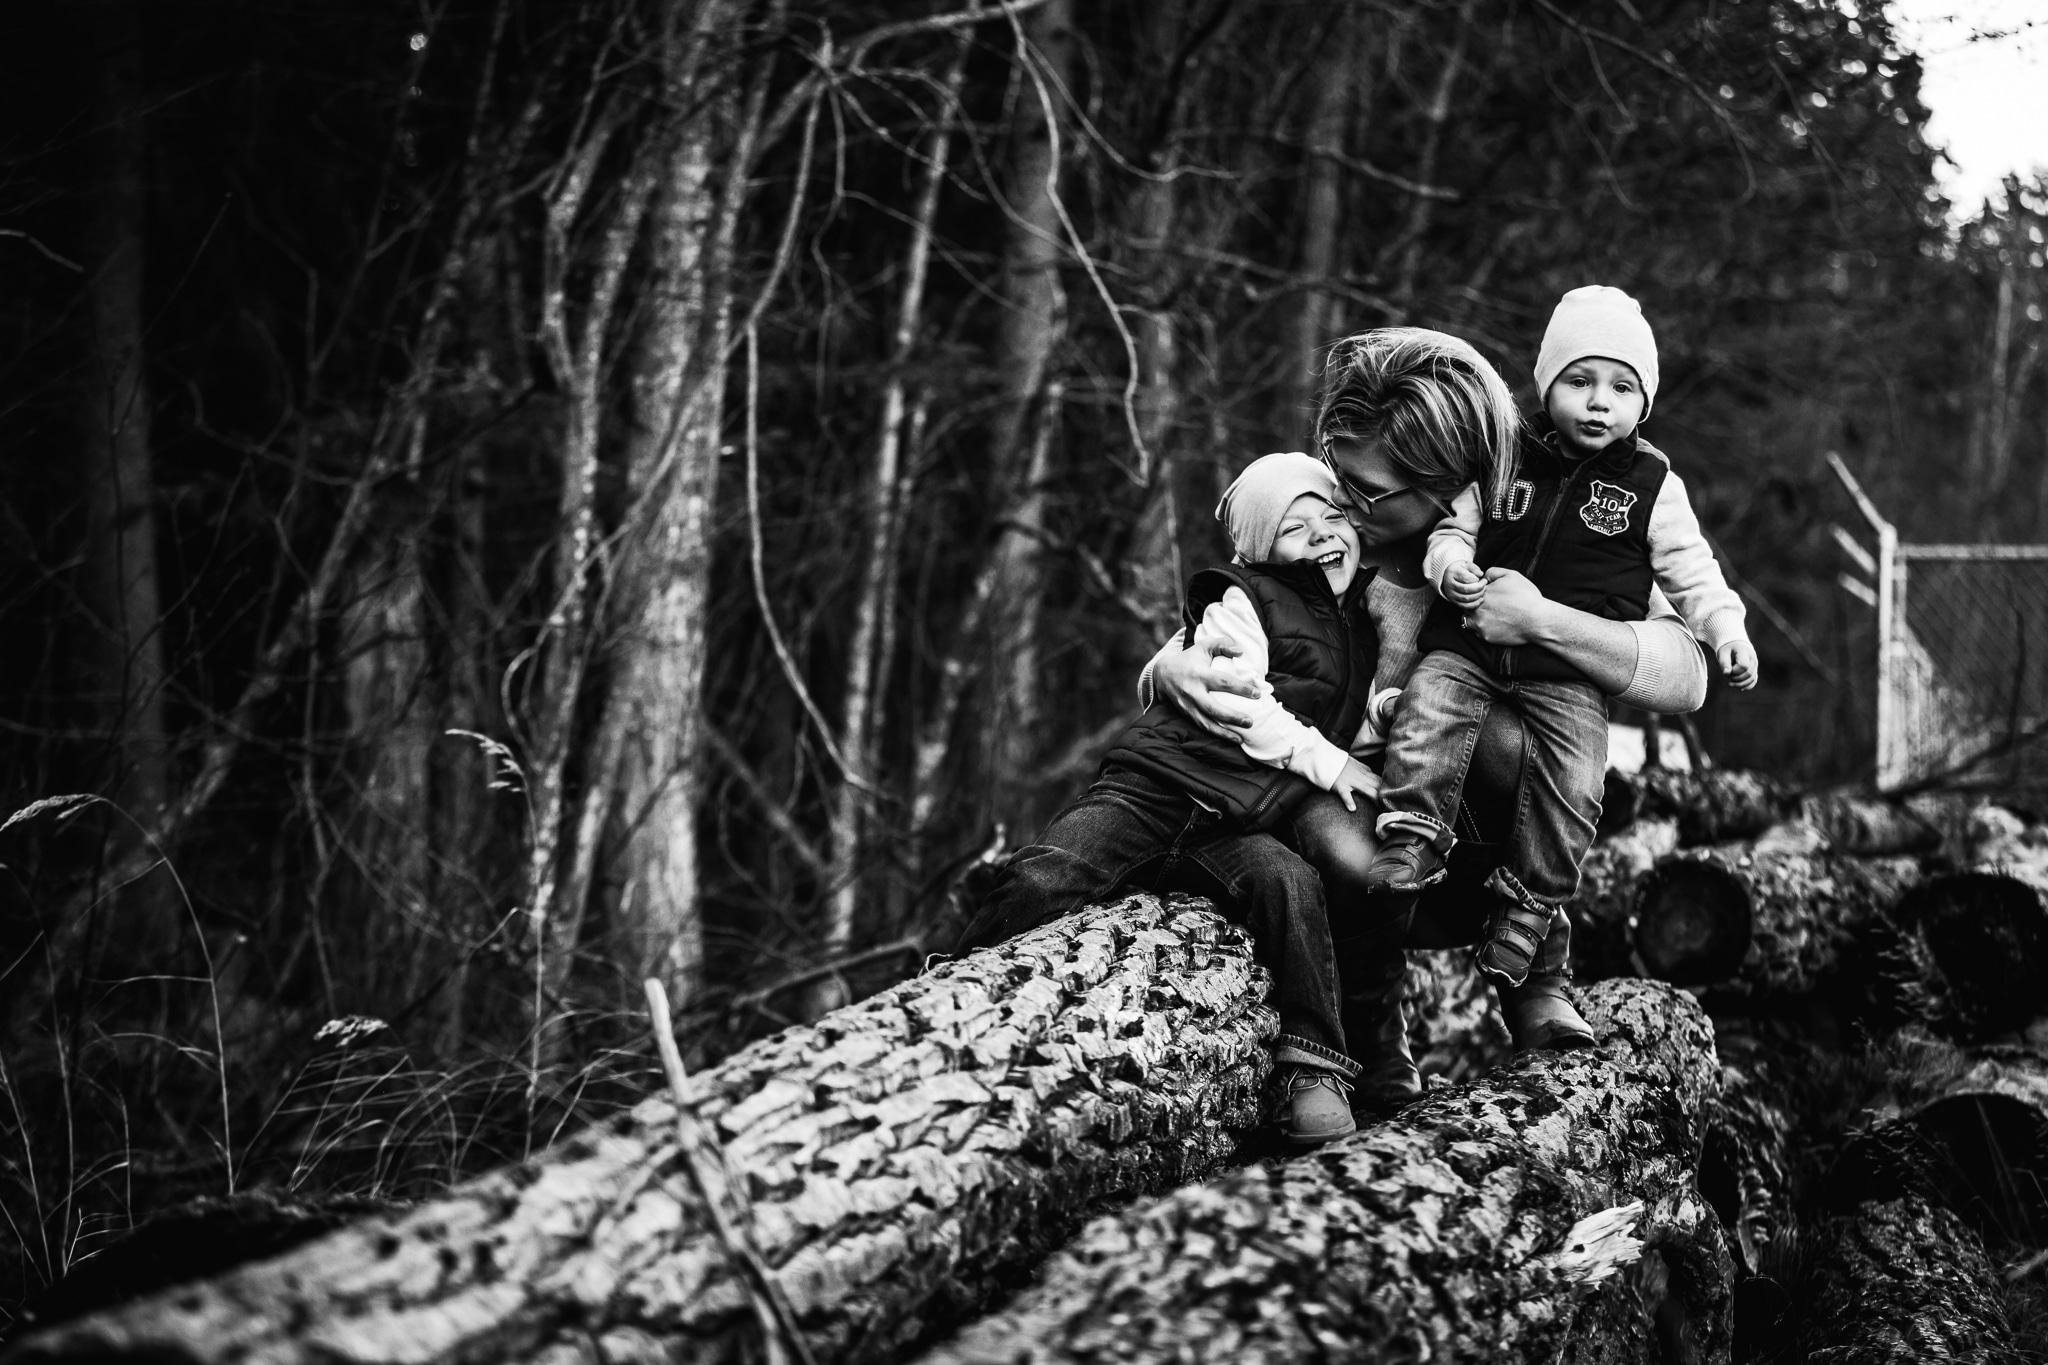 Alina-Joy-Photography-Cold-Lake-Lifestyle-Photographer-193.jpg